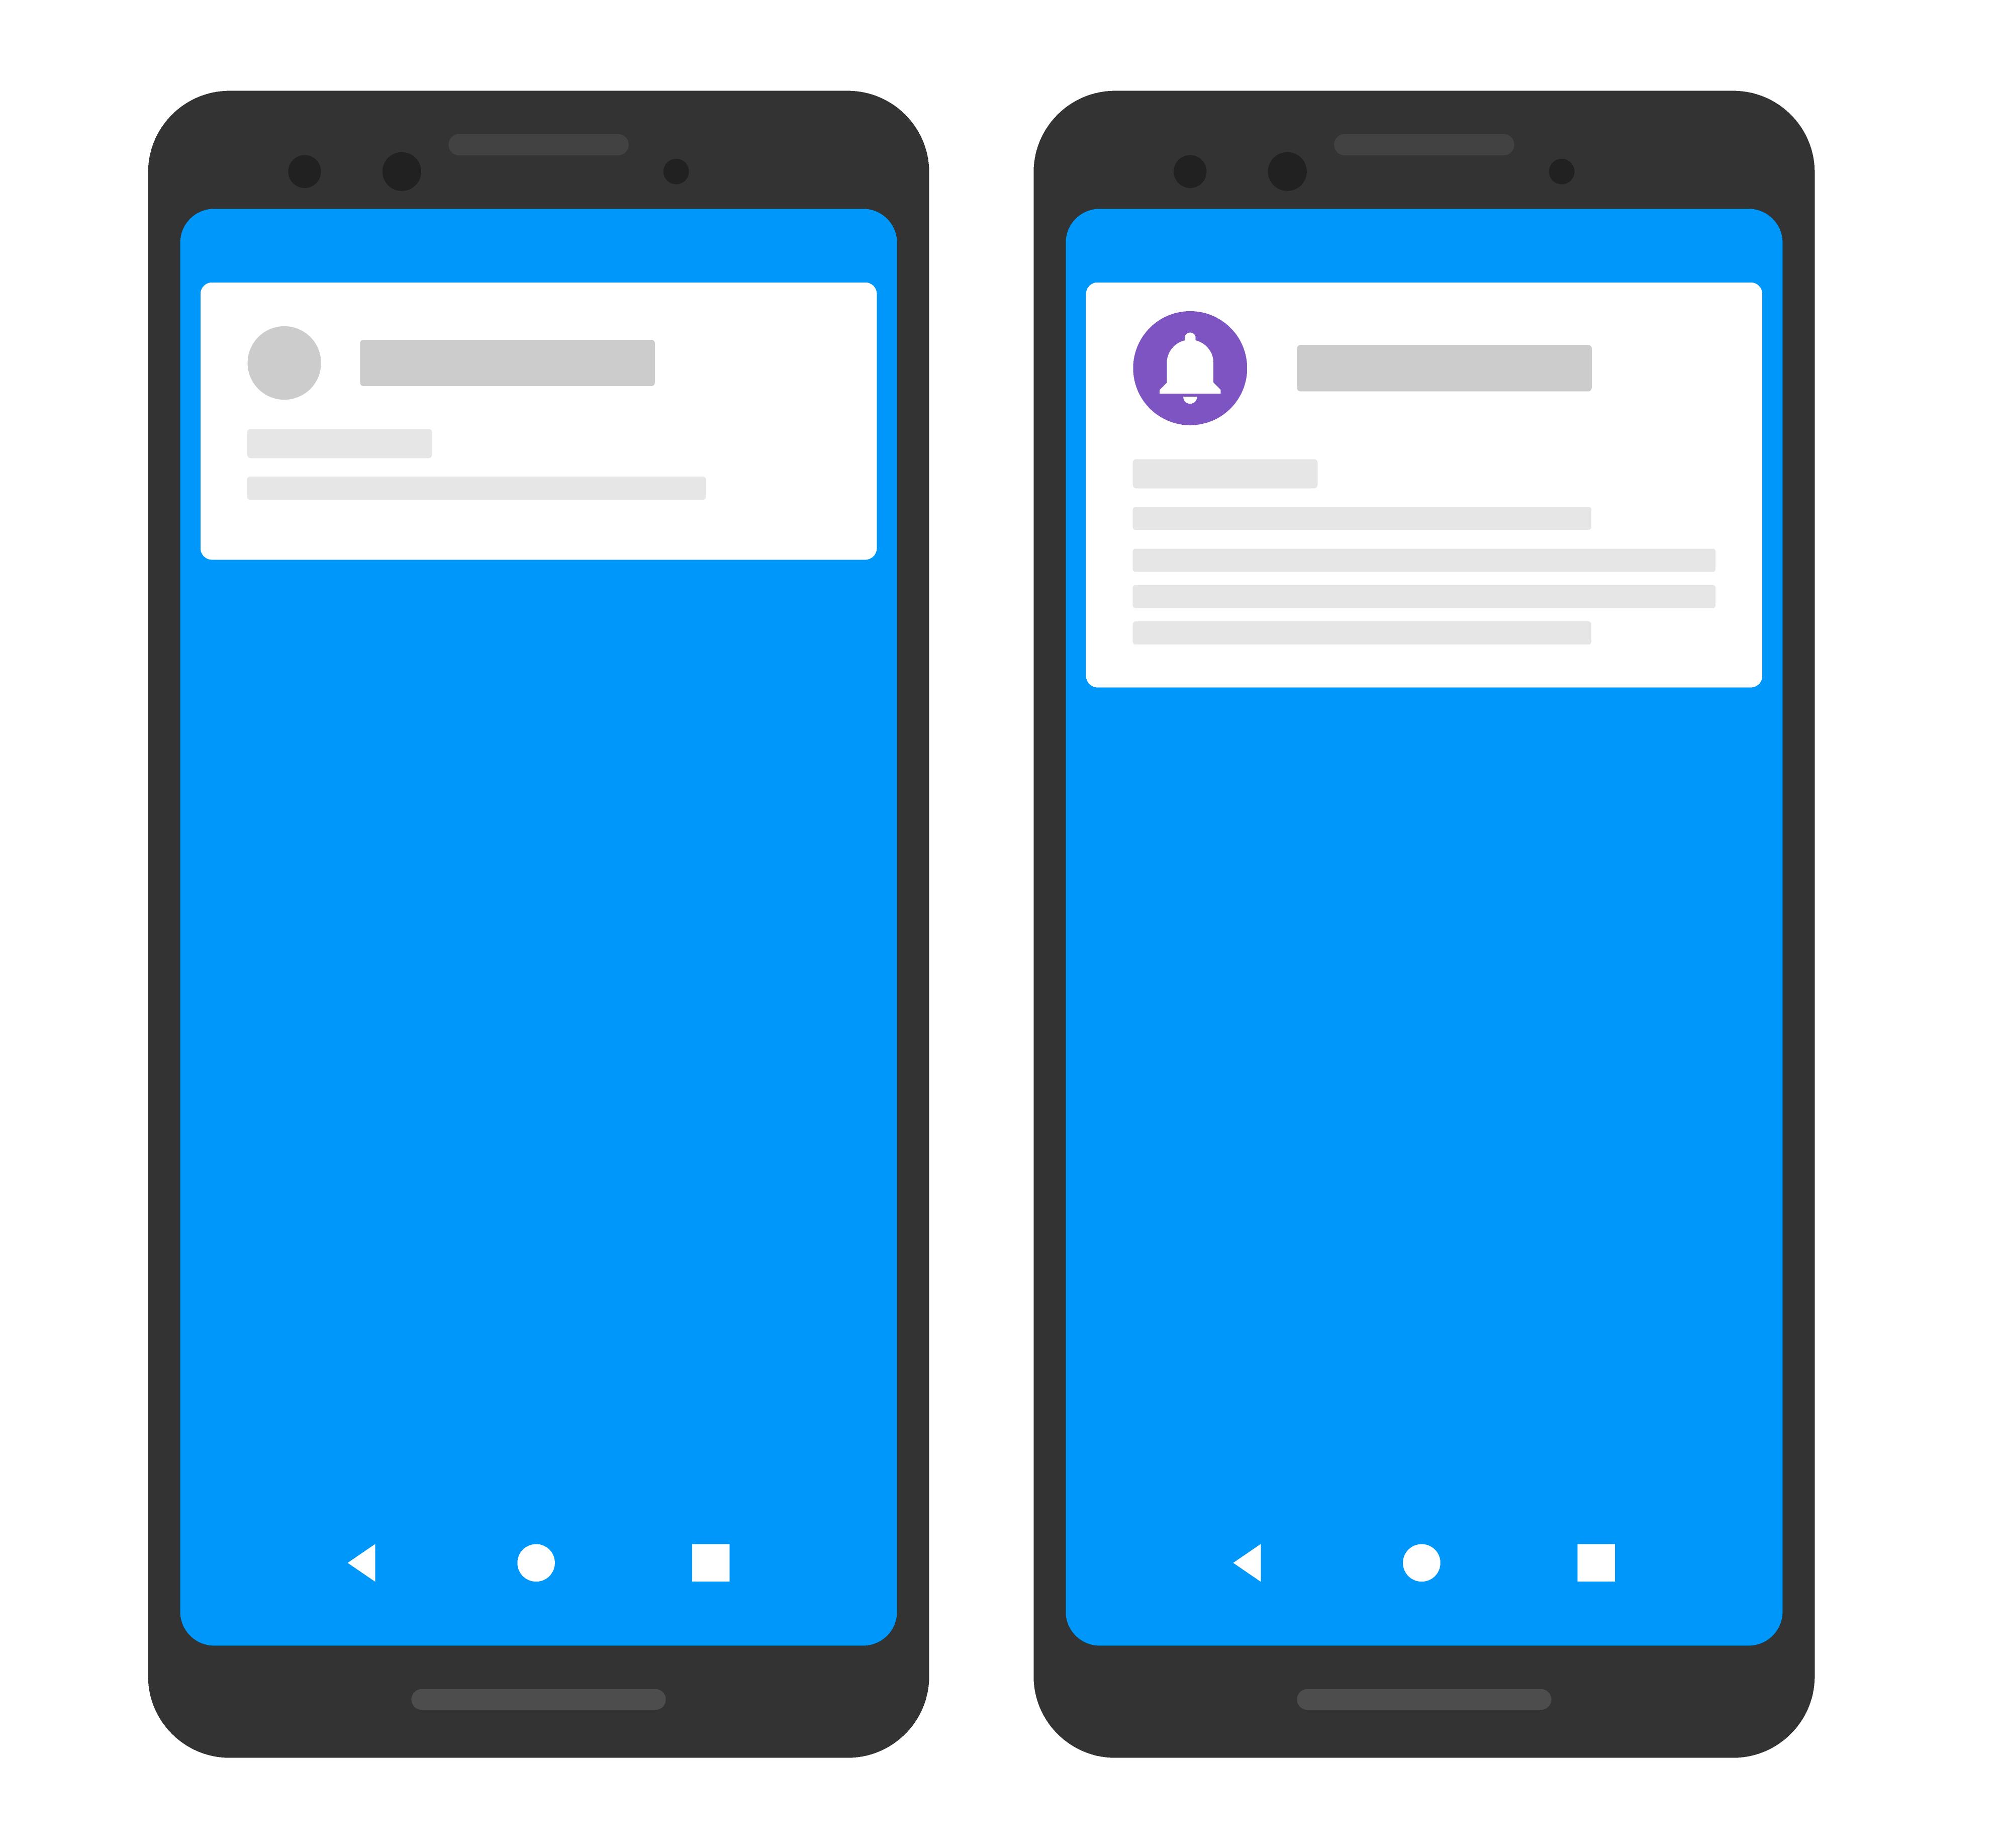 Einfaches Zeichnen von zwei Geräten, wobei eines ein benutzerdefiniertes Symbol und eine Farbe anzeigt